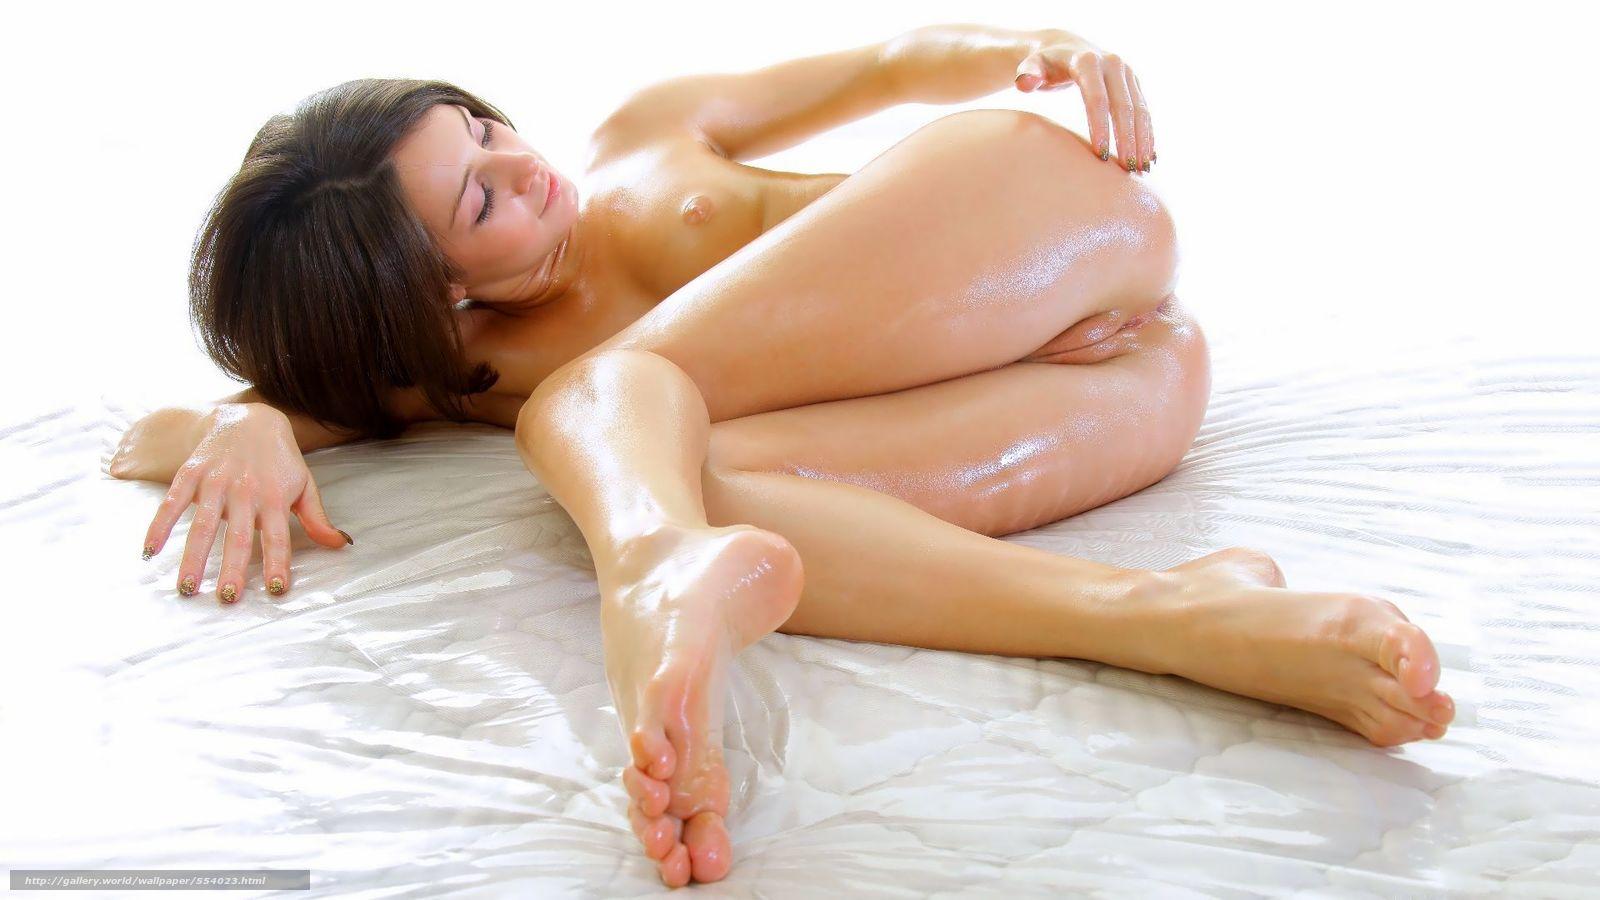 Попка в масле порно онлайн 9 фотография